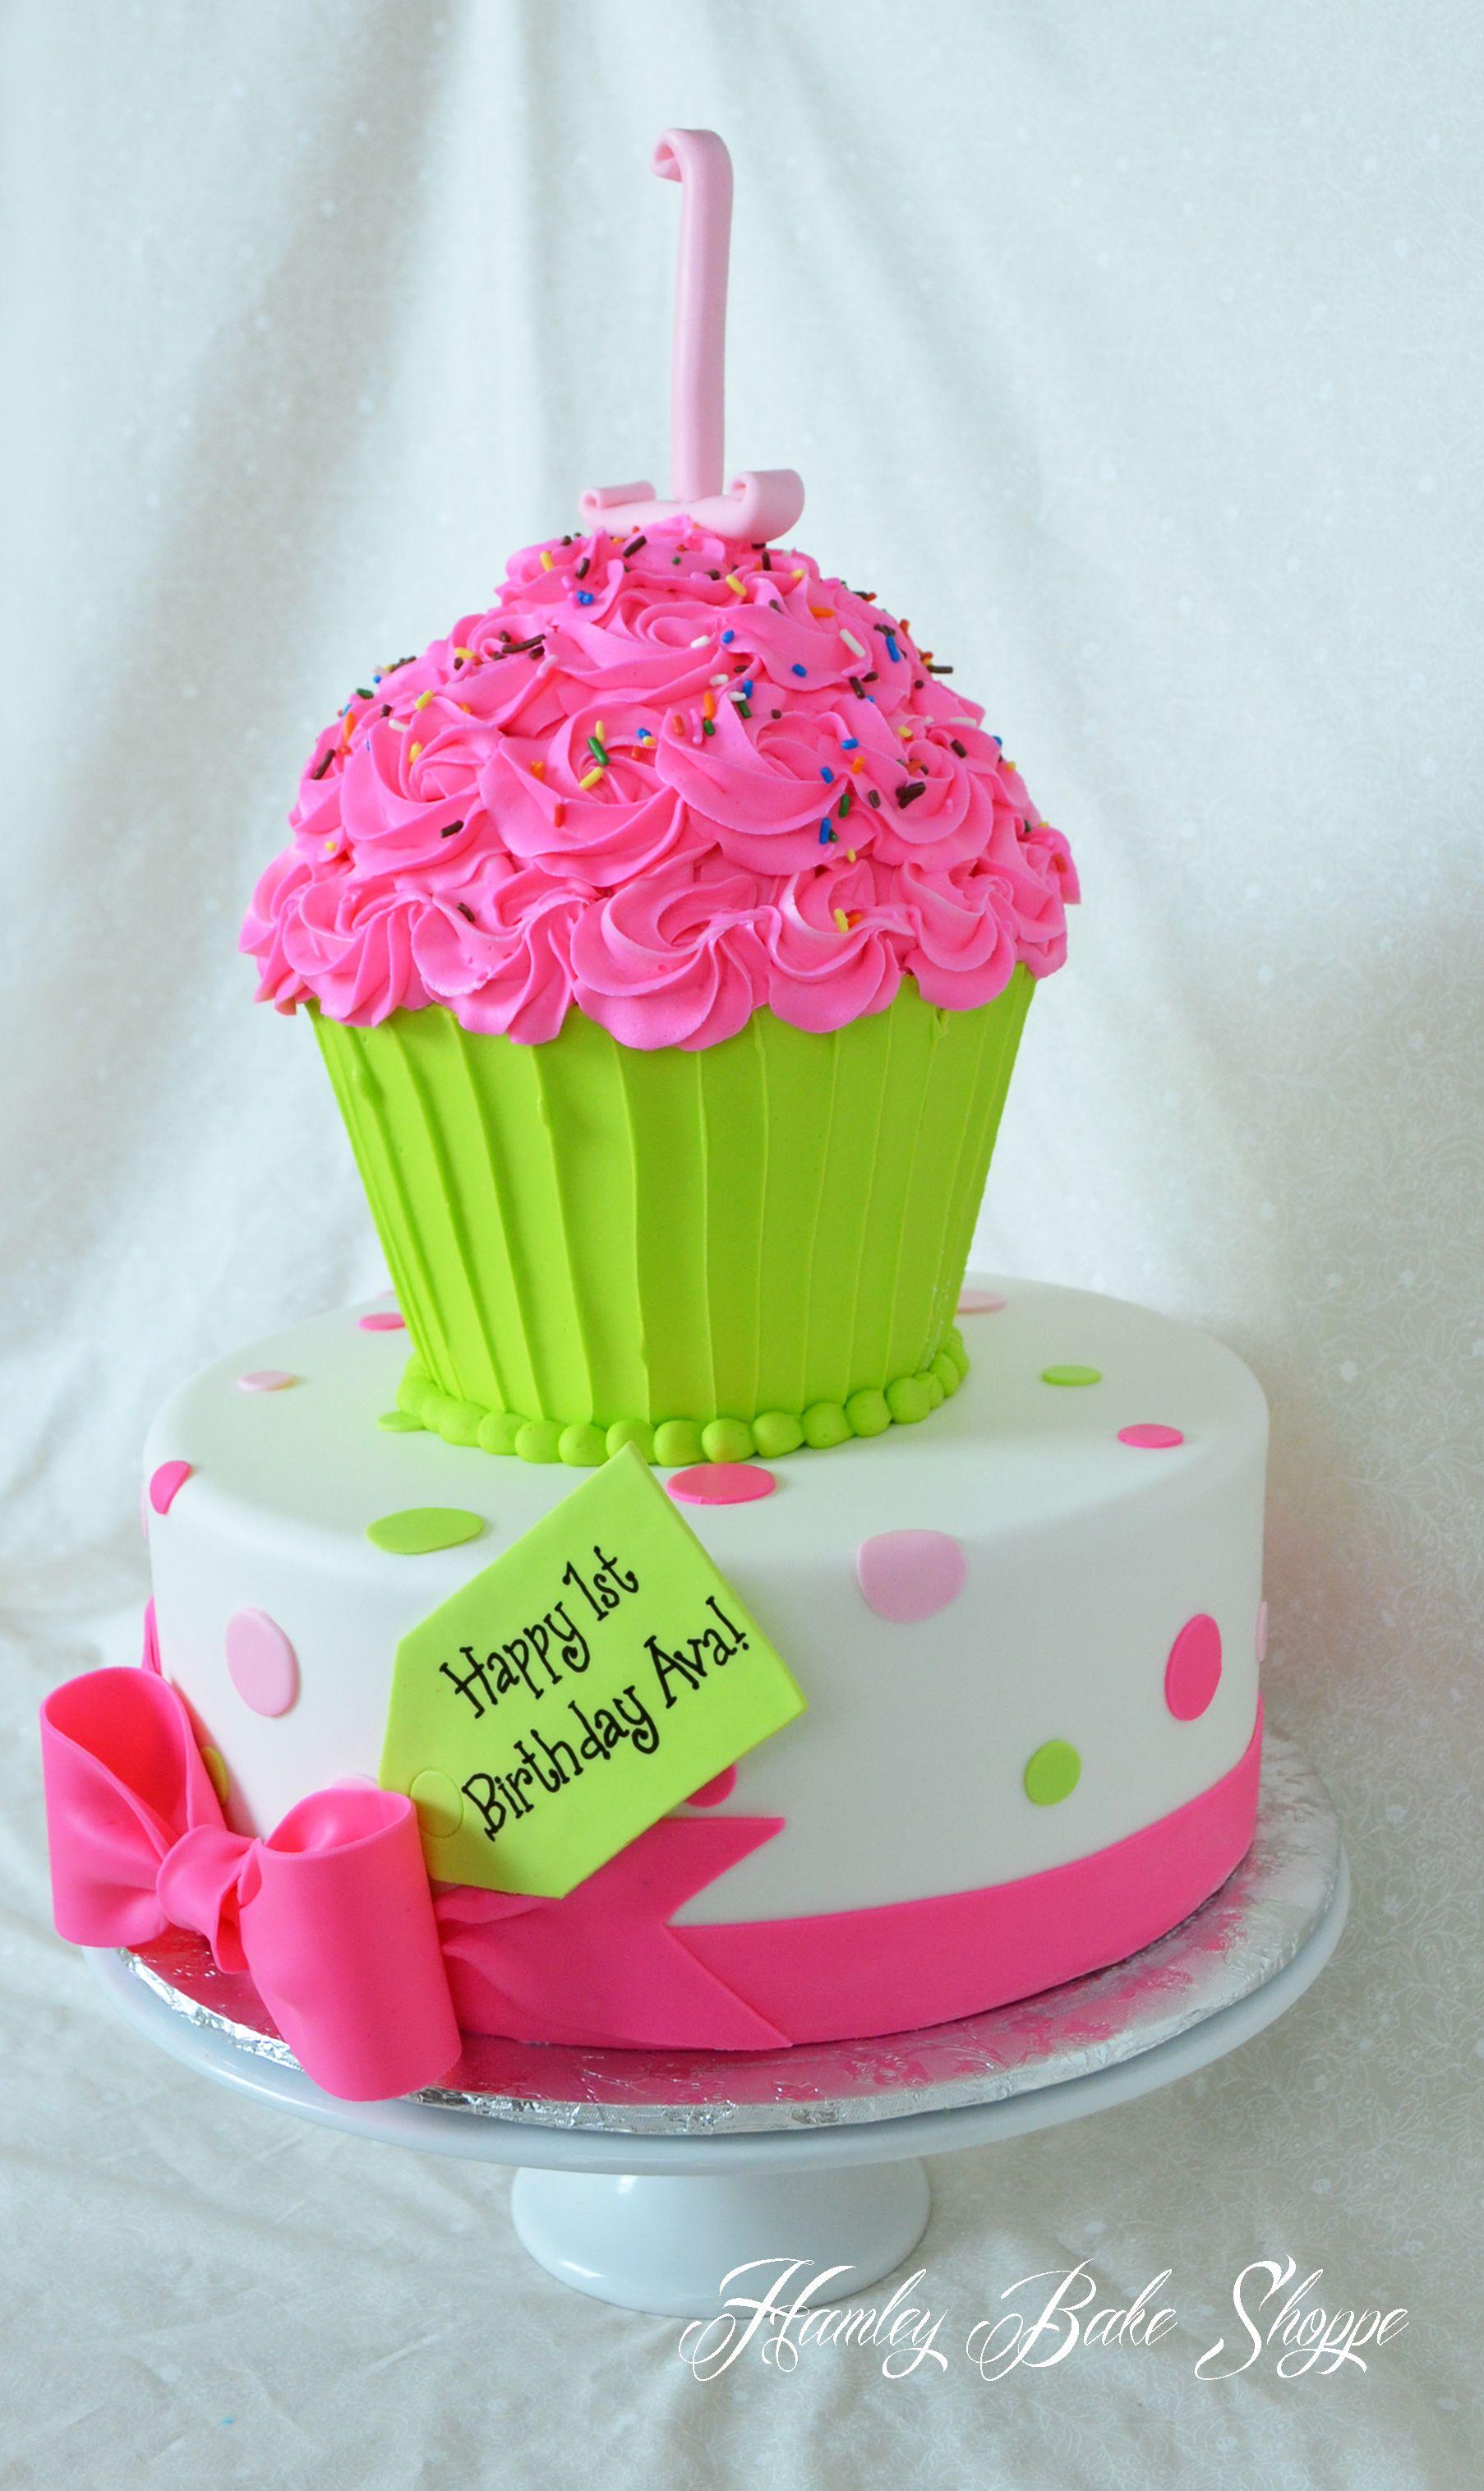 Cake With Cupcakes On Top : Cupcake Cake Birthdays Pinterest Cake, Birthday ...